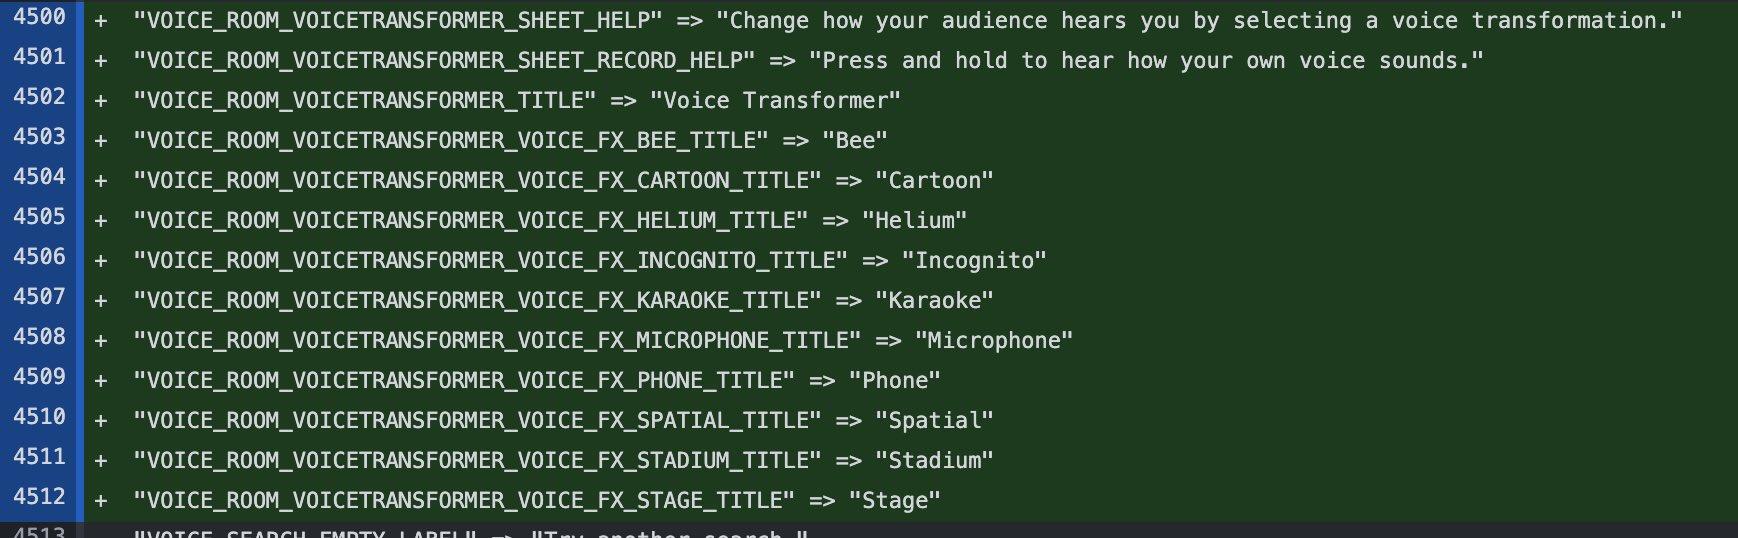 Efectos de transformador de voz